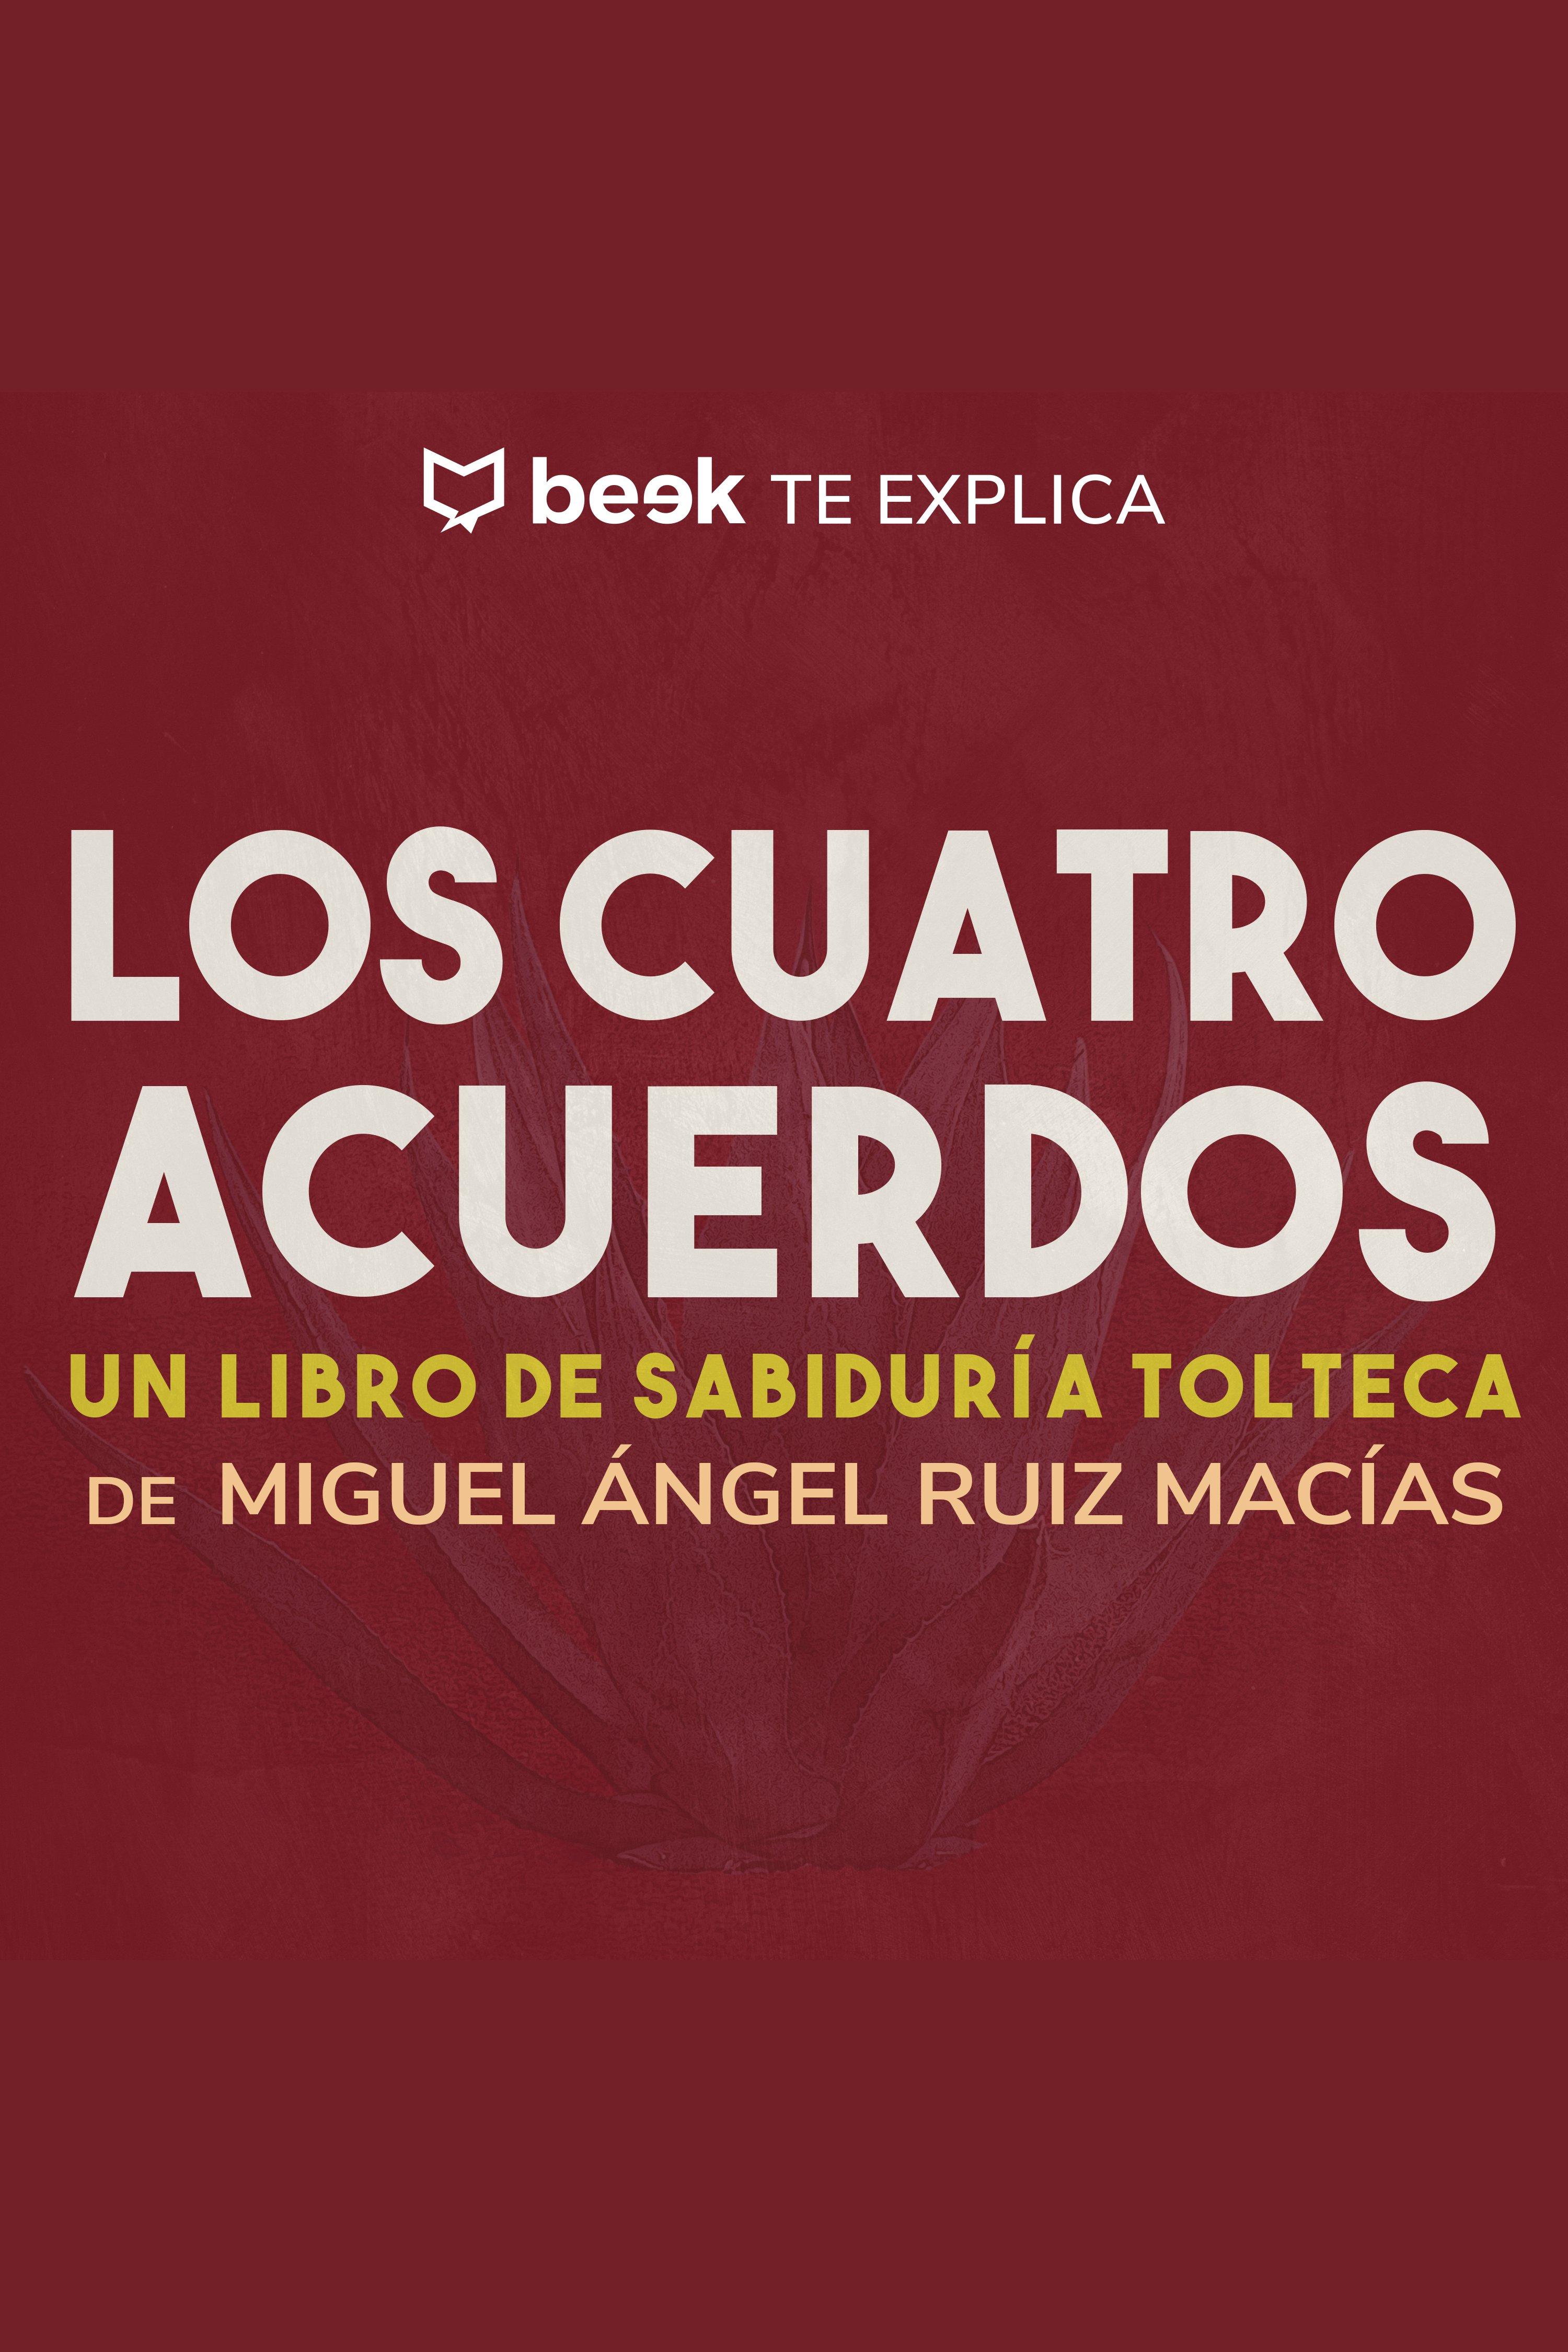 Esta es la portada del audiolibro Los cuatro acuerdos… Beek te explica